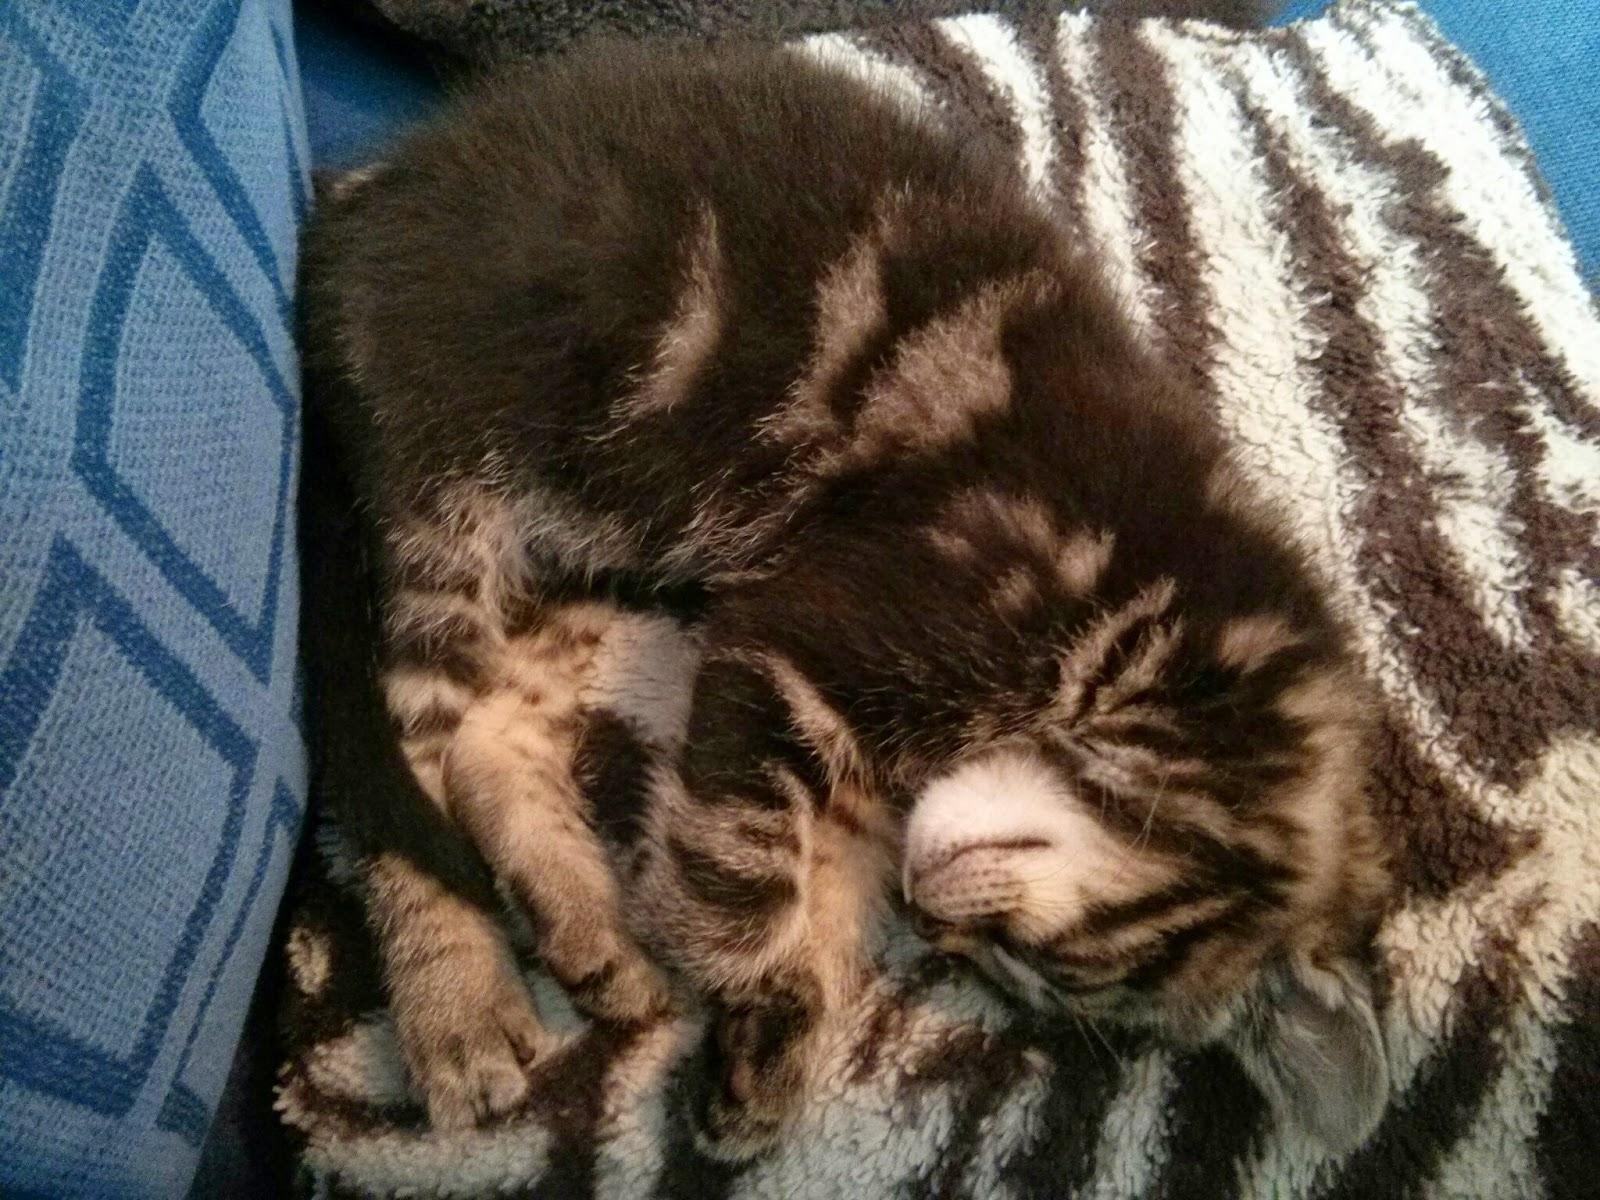 Mario The Kitten sleeping